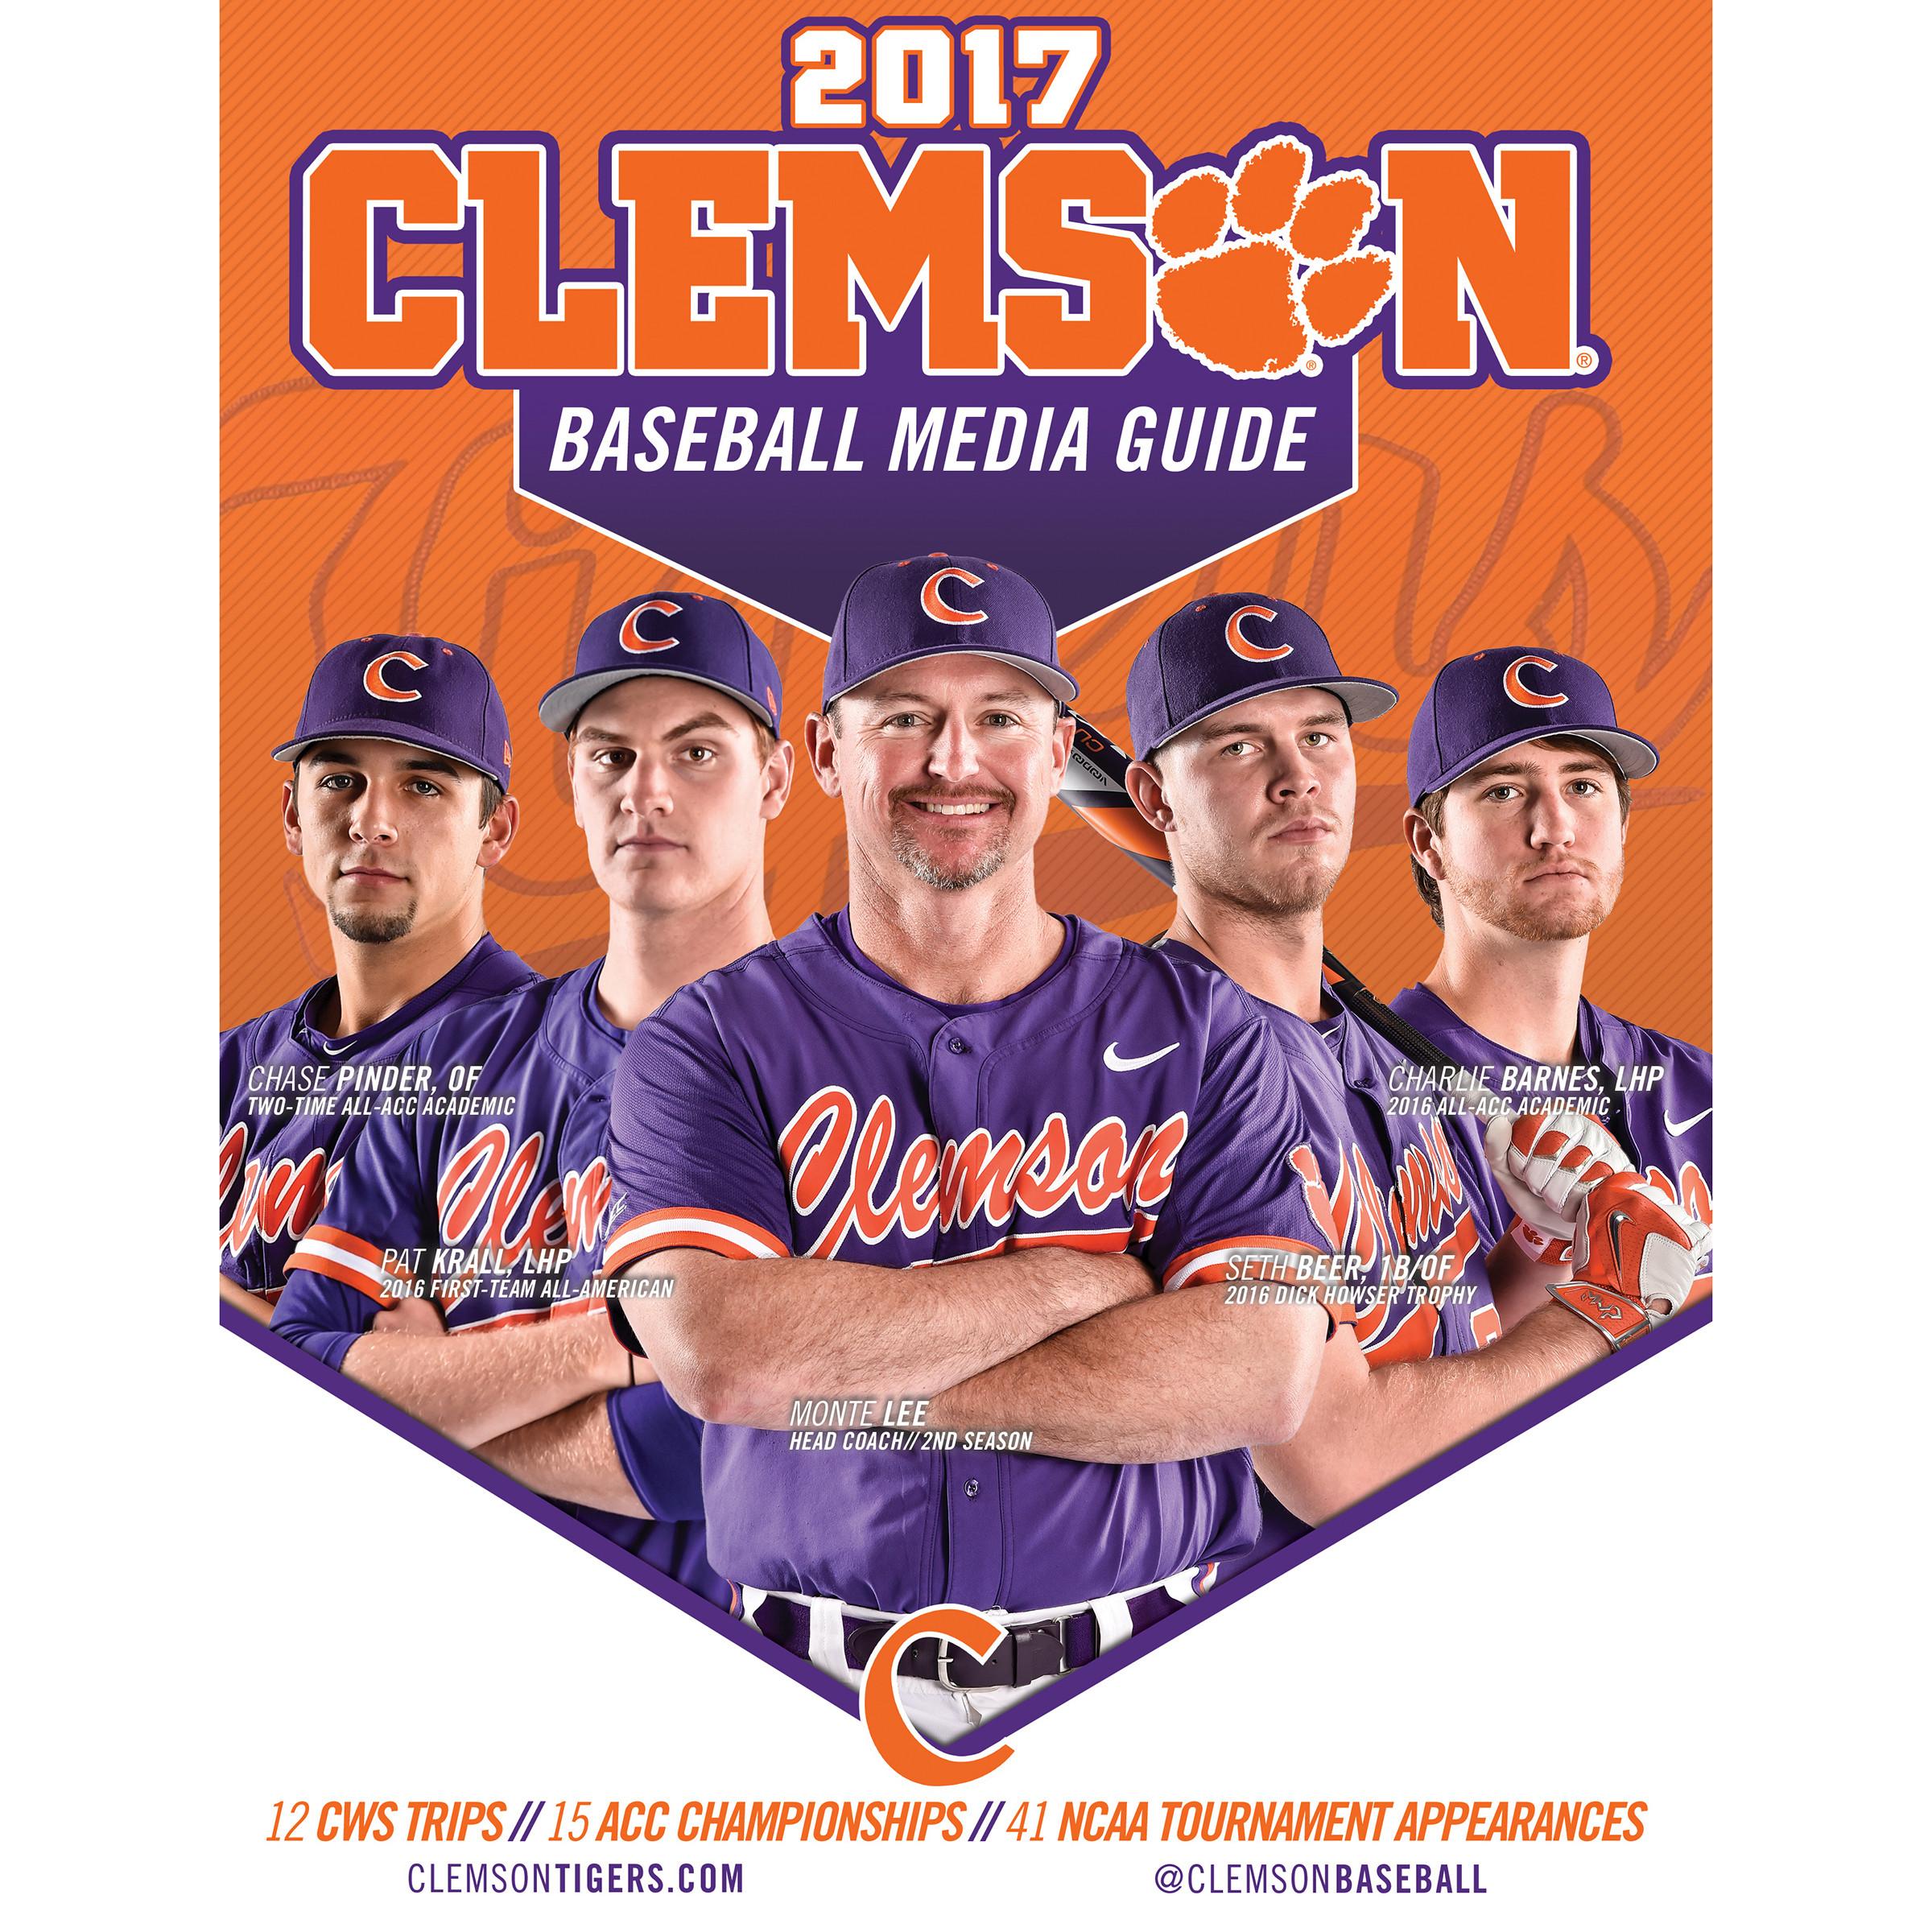 2017 Baseball Media Guide